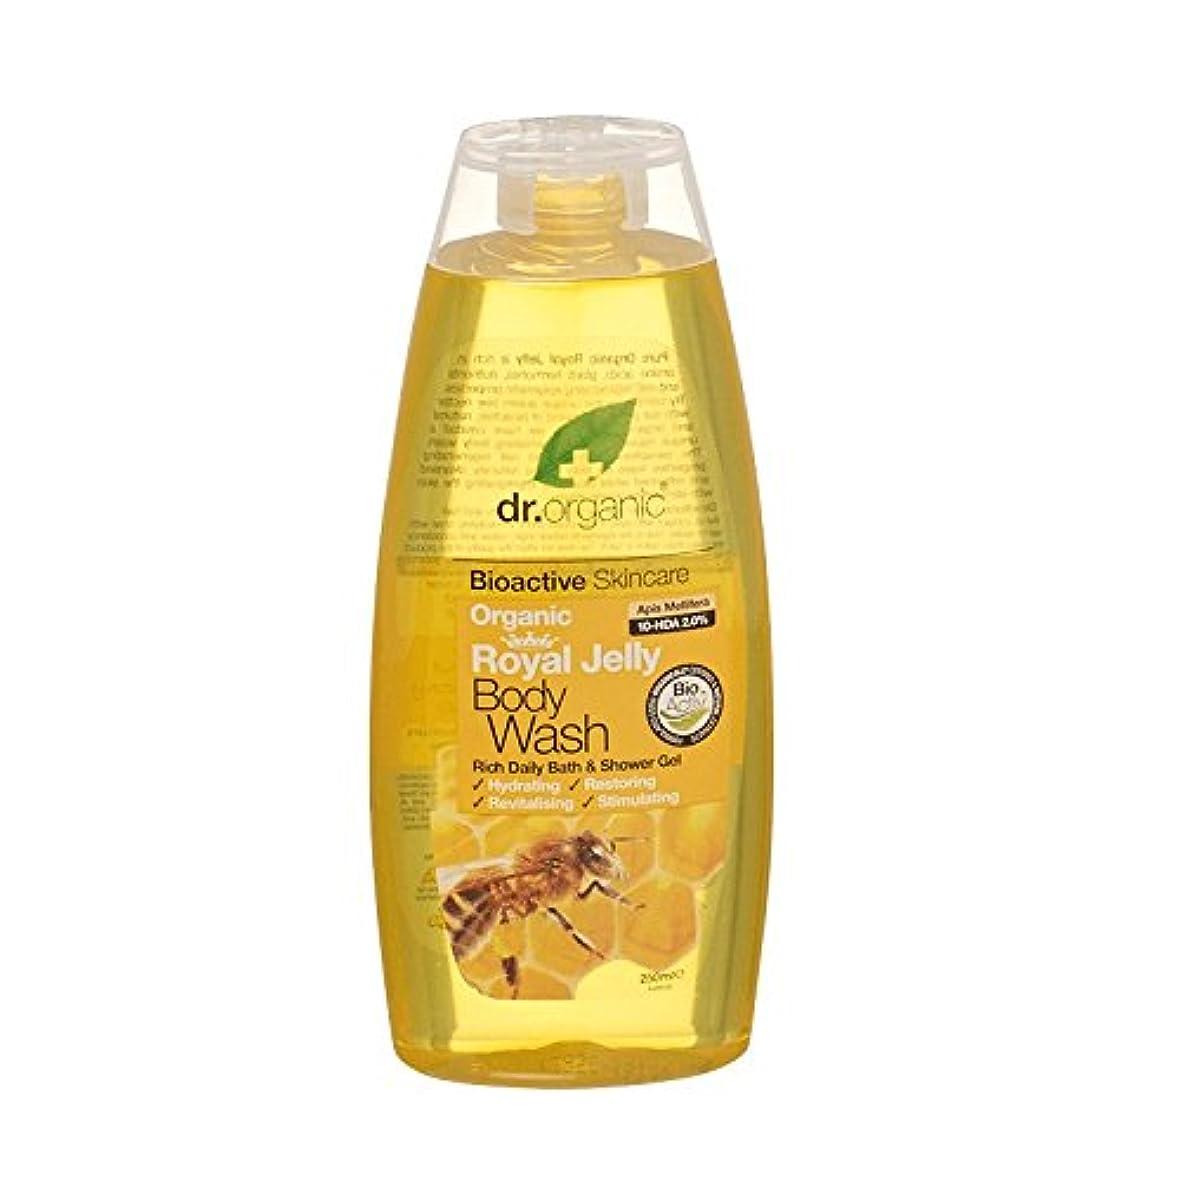 邪悪な支払う冷蔵庫Dr Organic Royal Jelly Body Wash (Pack of 2) - Dr有機ローヤルゼリーボディウォッシュ (x2) [並行輸入品]